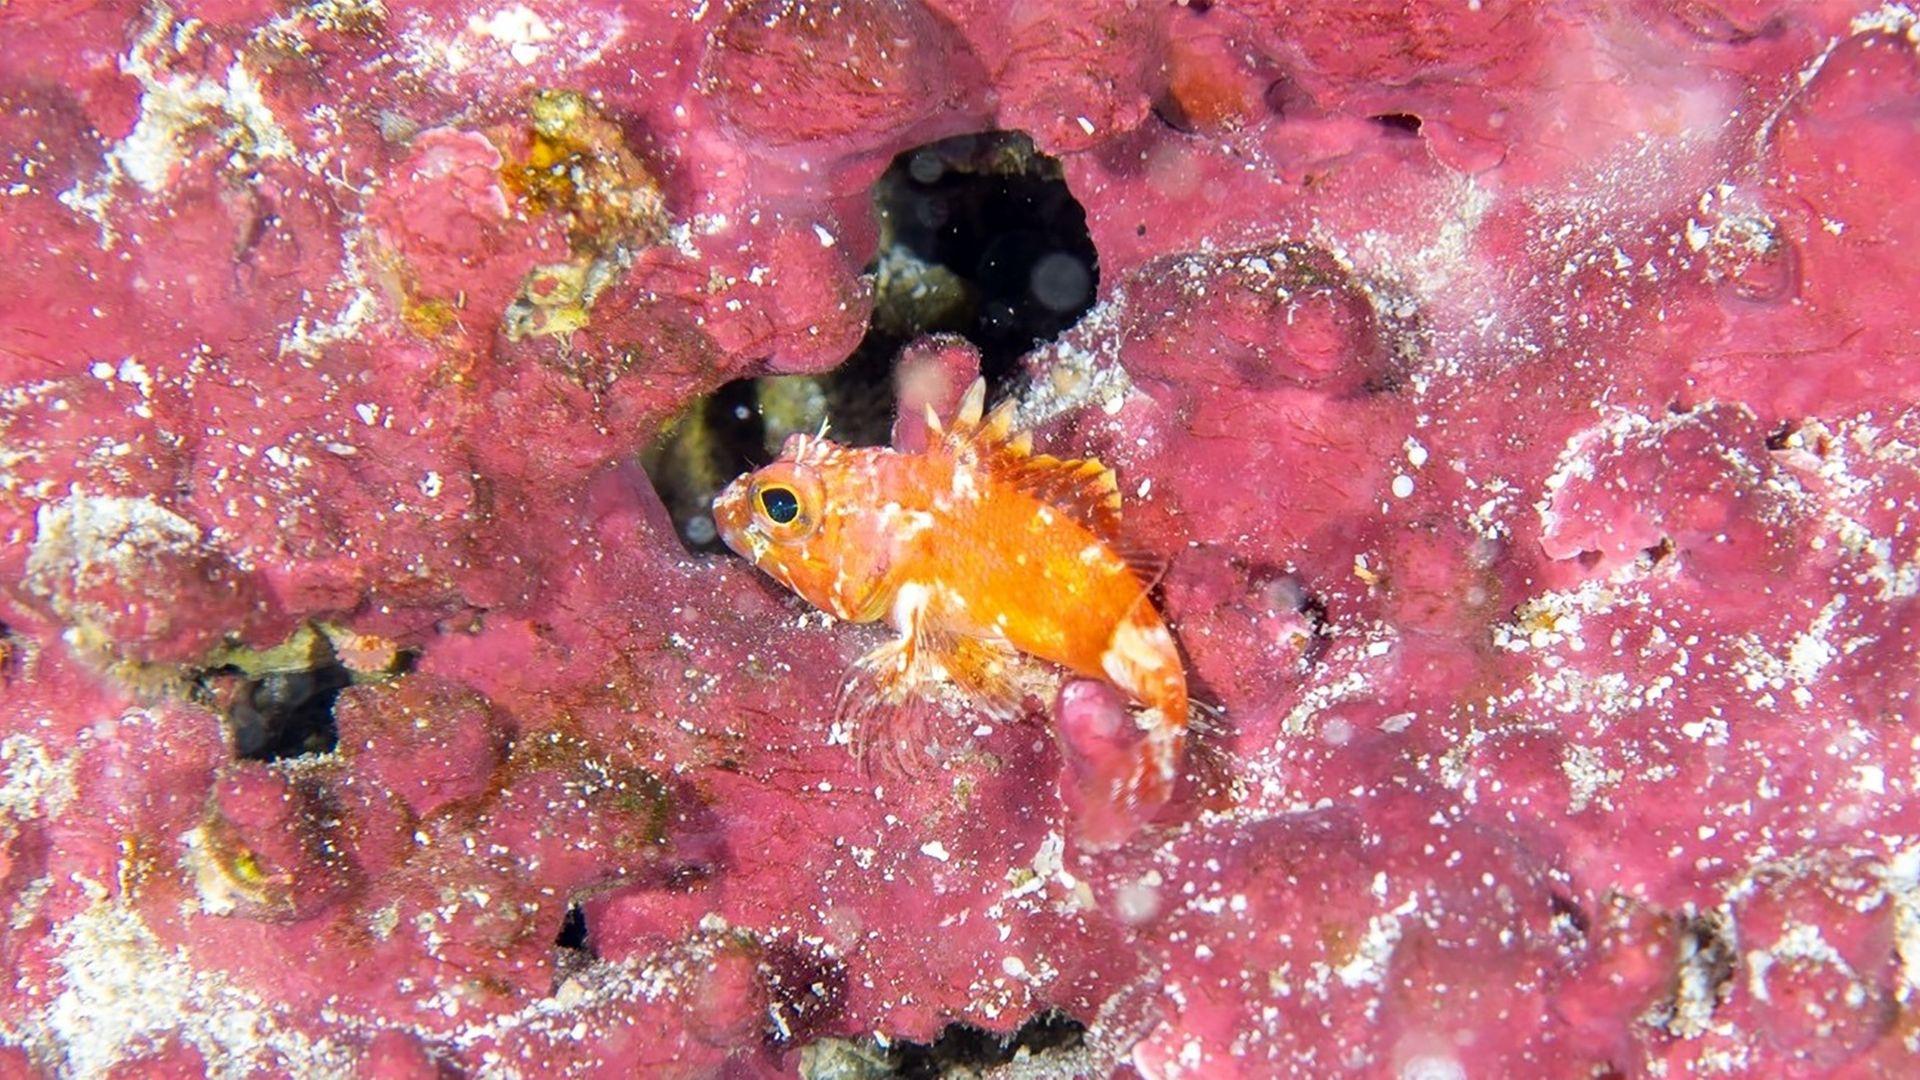 Peixe-pedra (Scorpaena sp.)